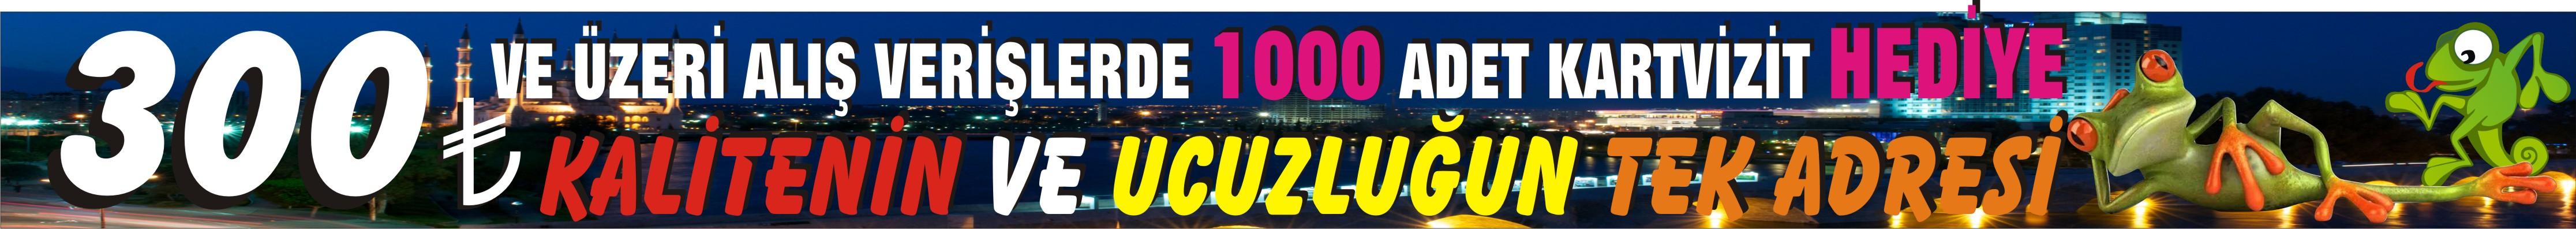 Adana Araz Reklam (0 507 555 666 0) Dijital Baskı Tabela Montaj Folyo Uygulama Promosyon Hizmeti